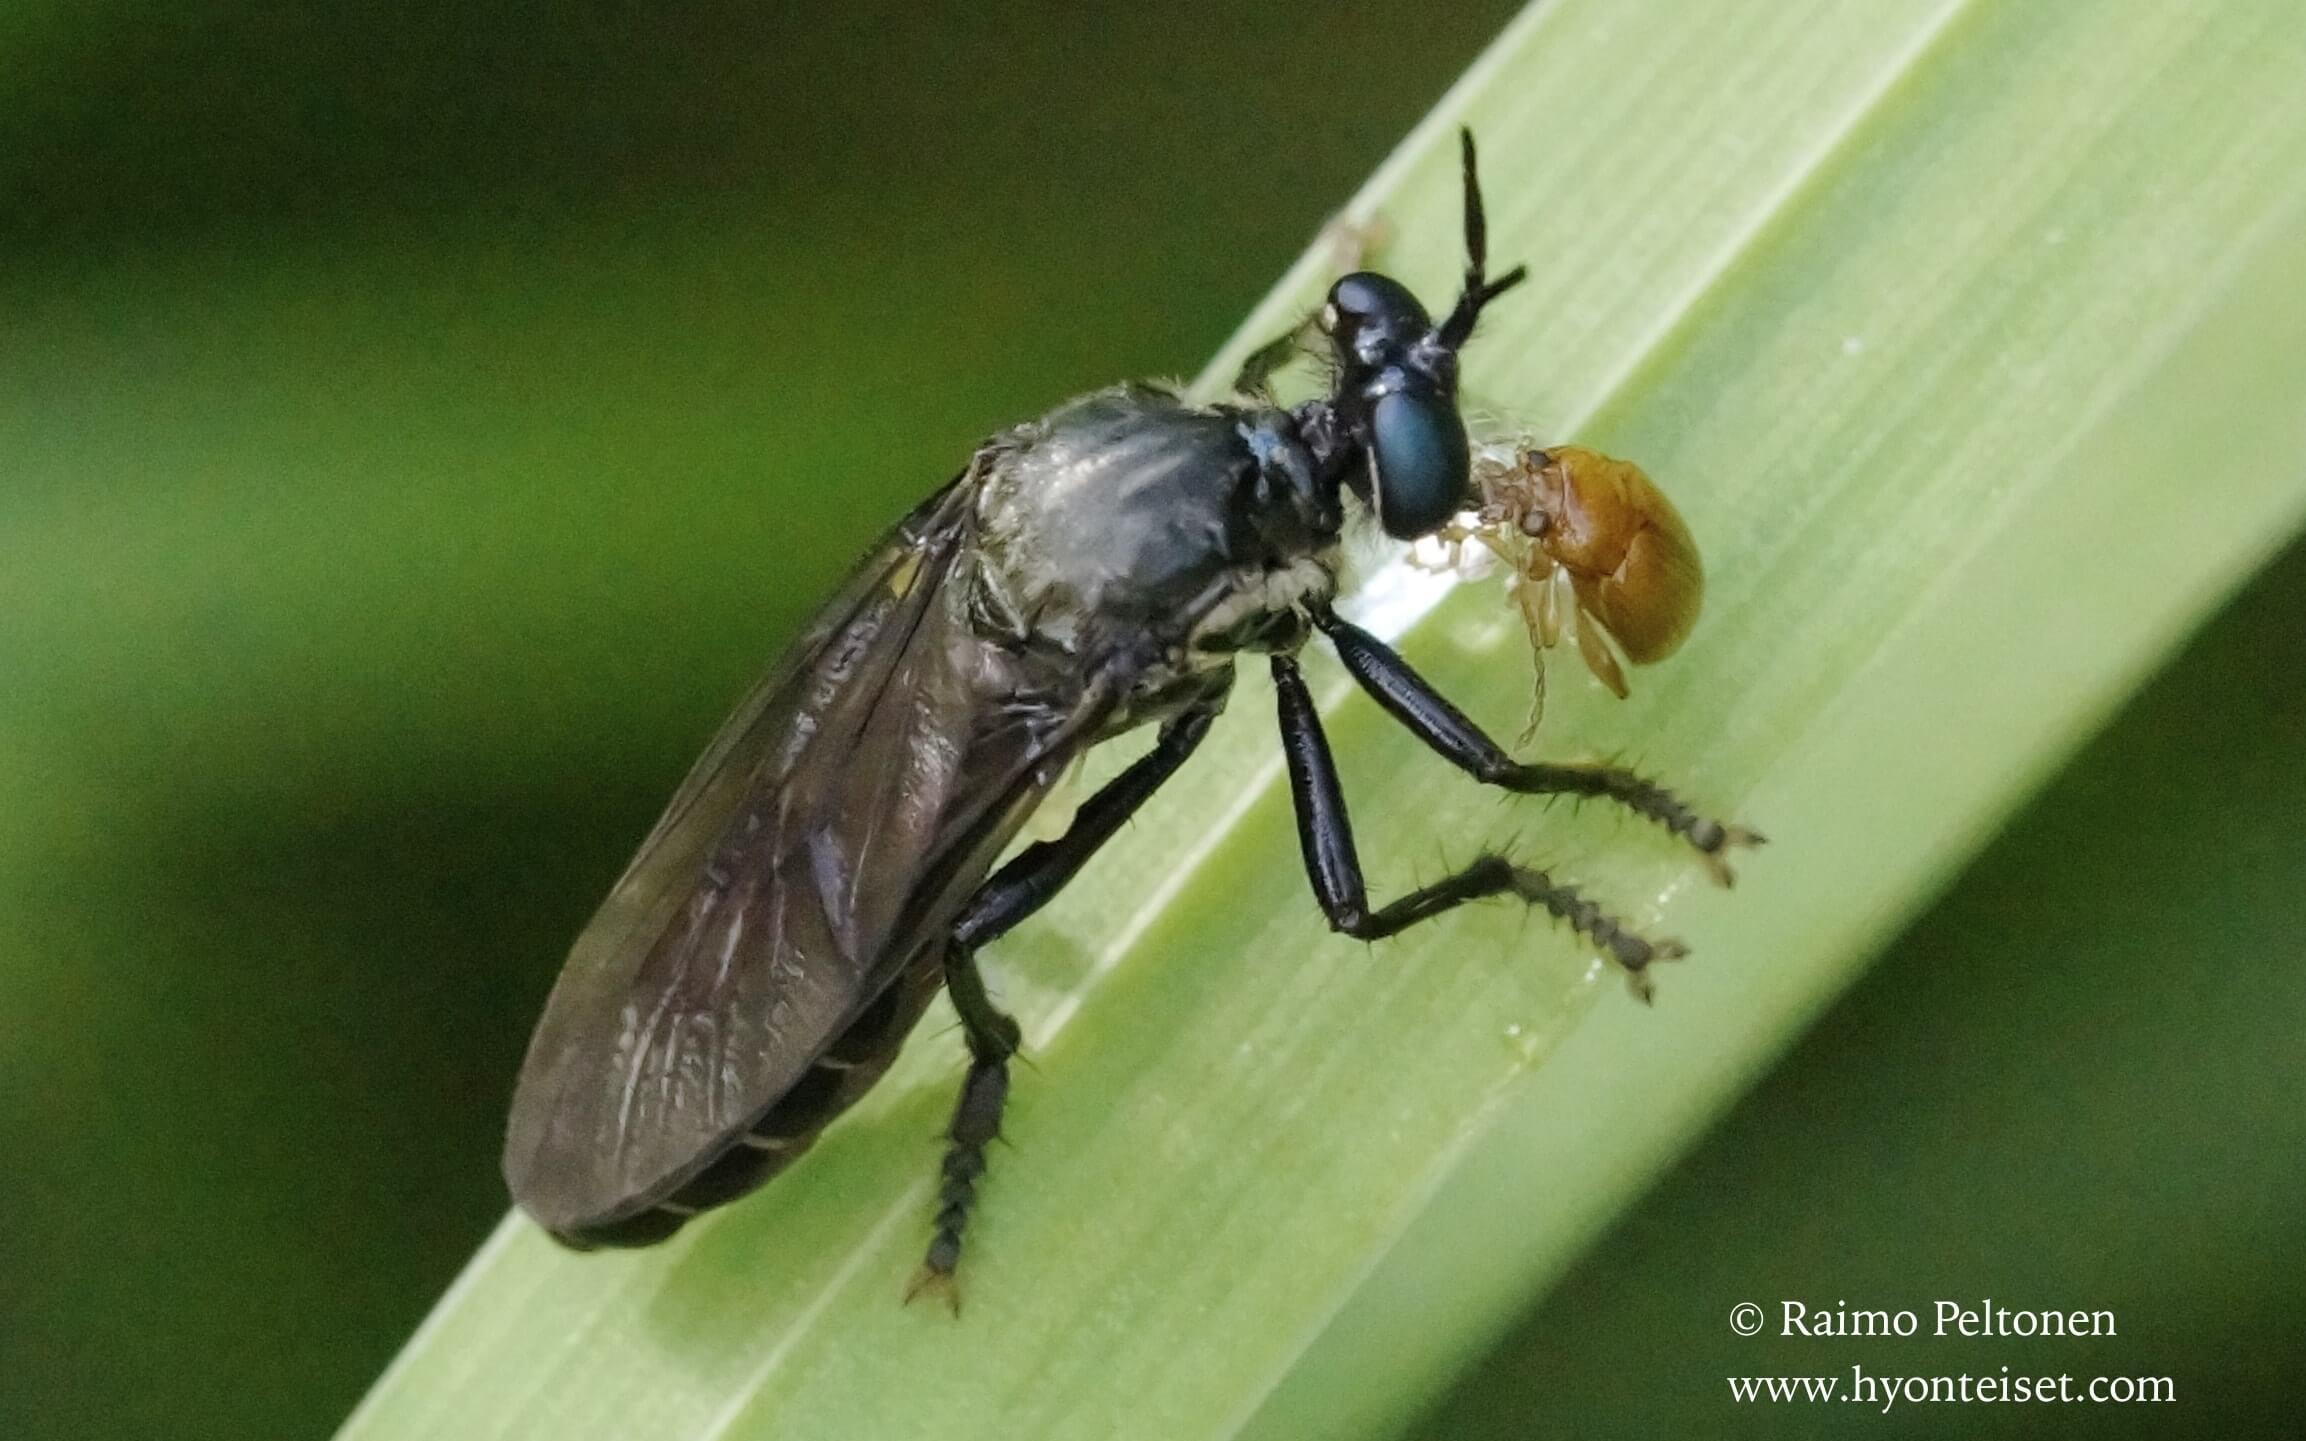 Dioctria atricapillus(det. Kai Winqvist)